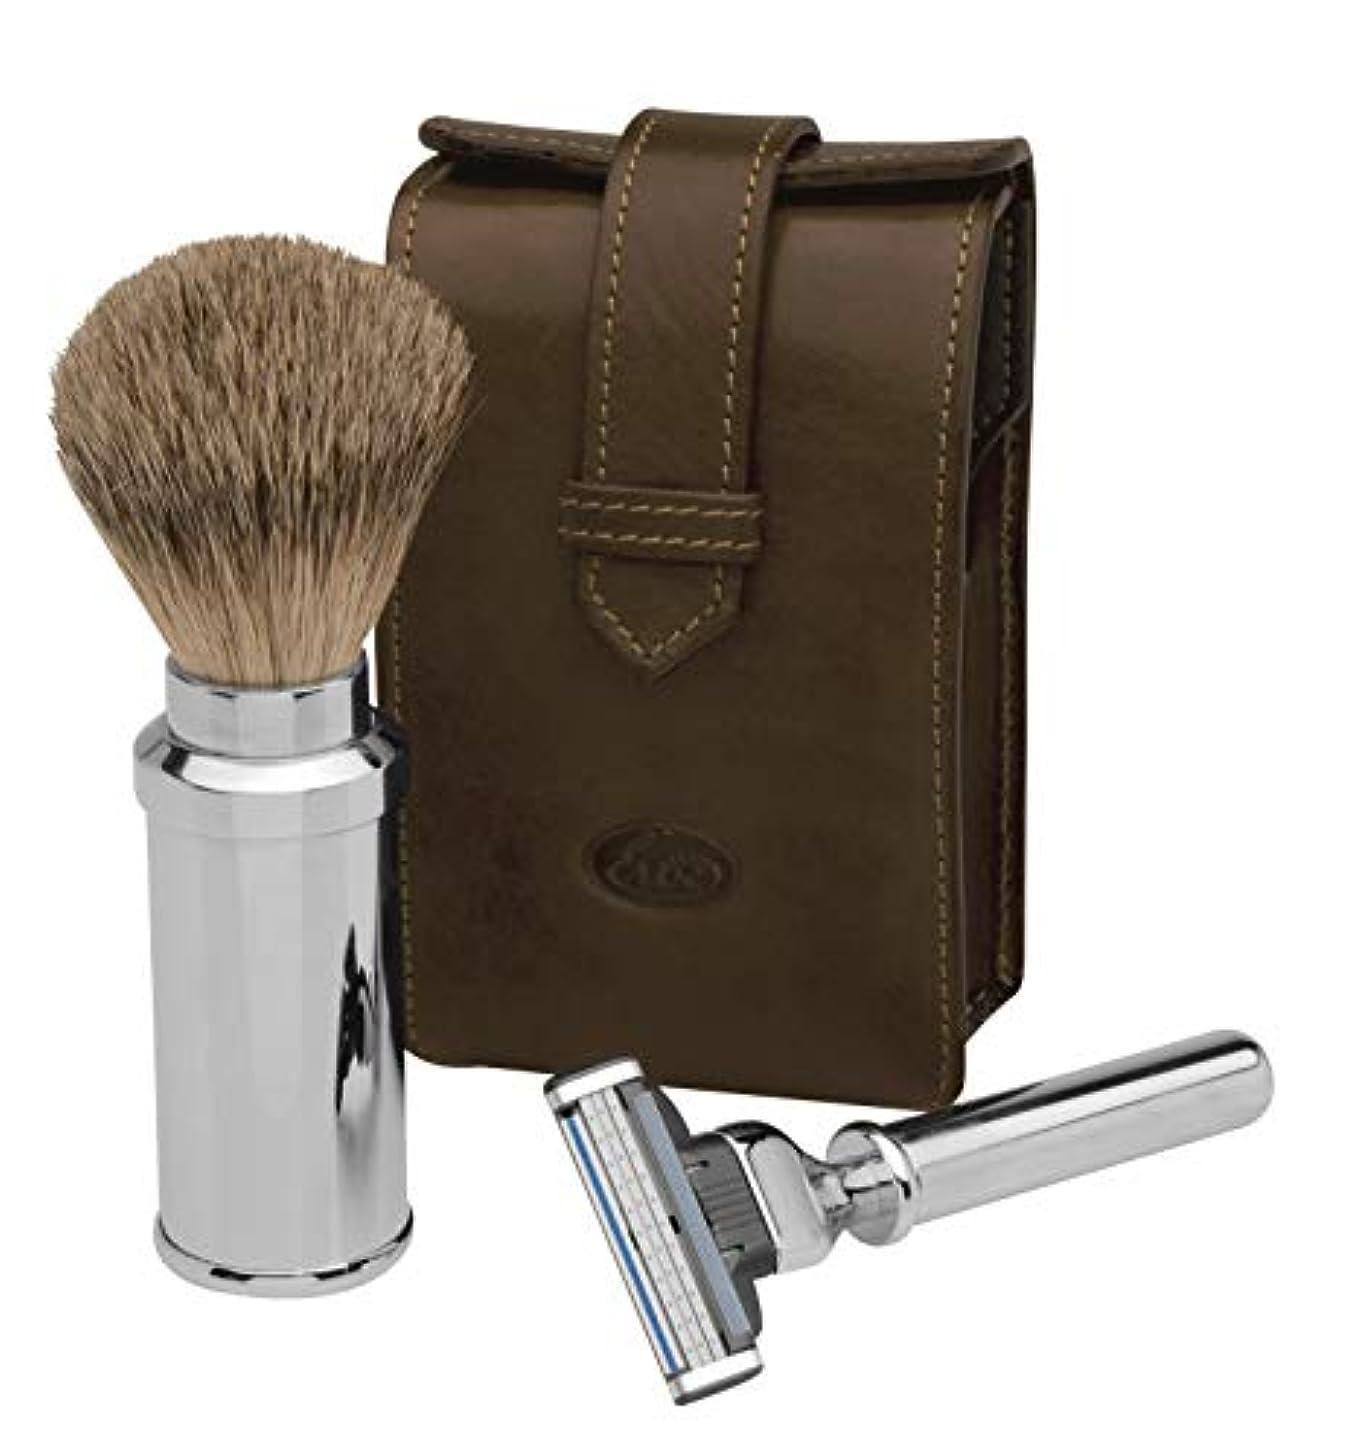 ジャンプするプロトタイプ菊Erbe Travel Shaving Set, Razor and Shaving Brush in brown Leather Pocket